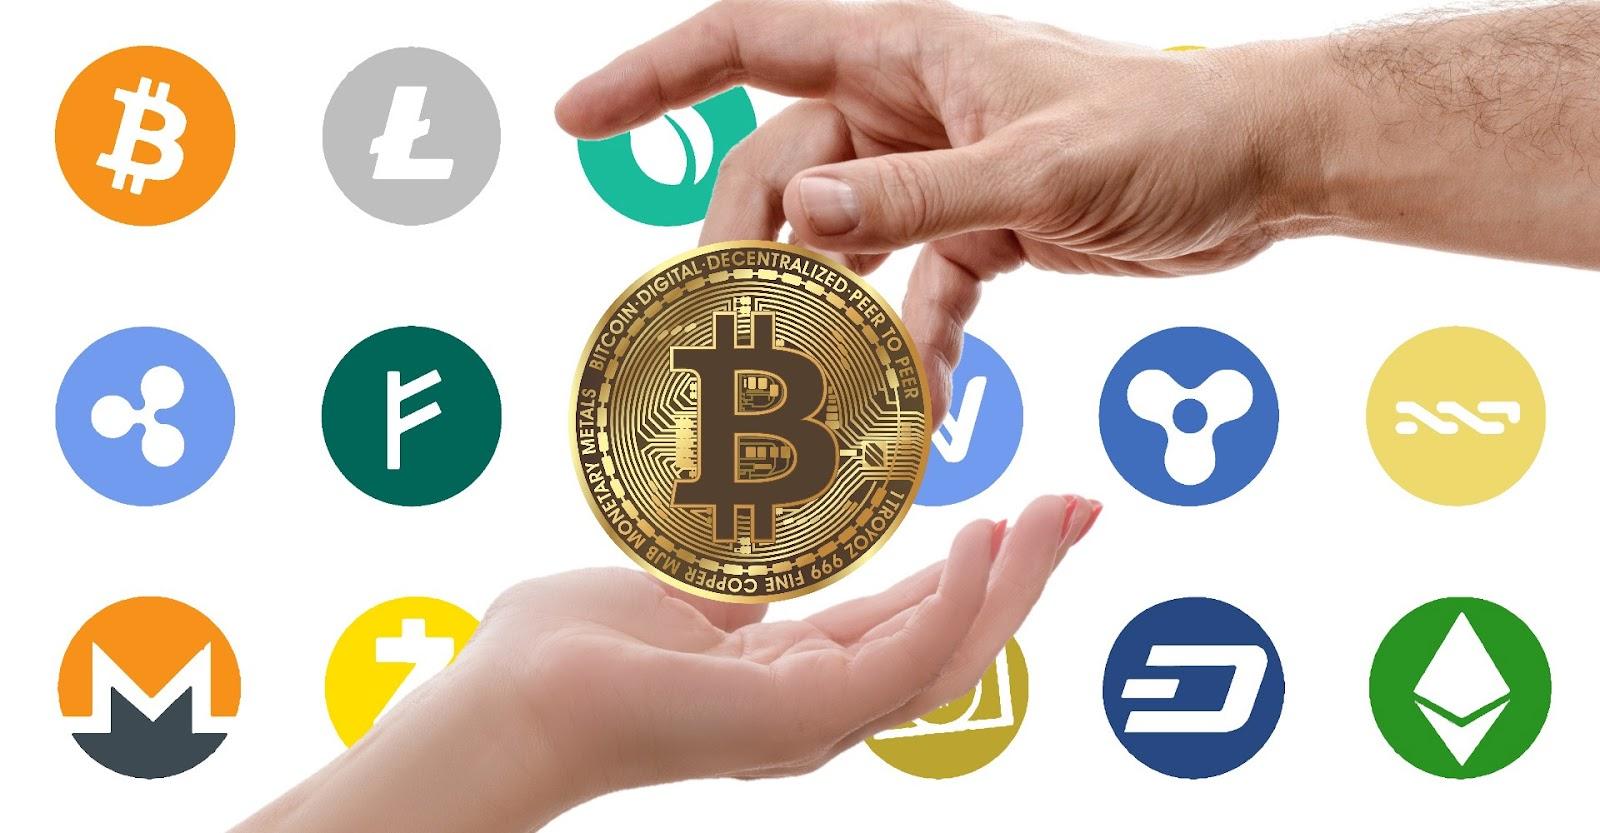 Bitcoin criptomonedas monedero